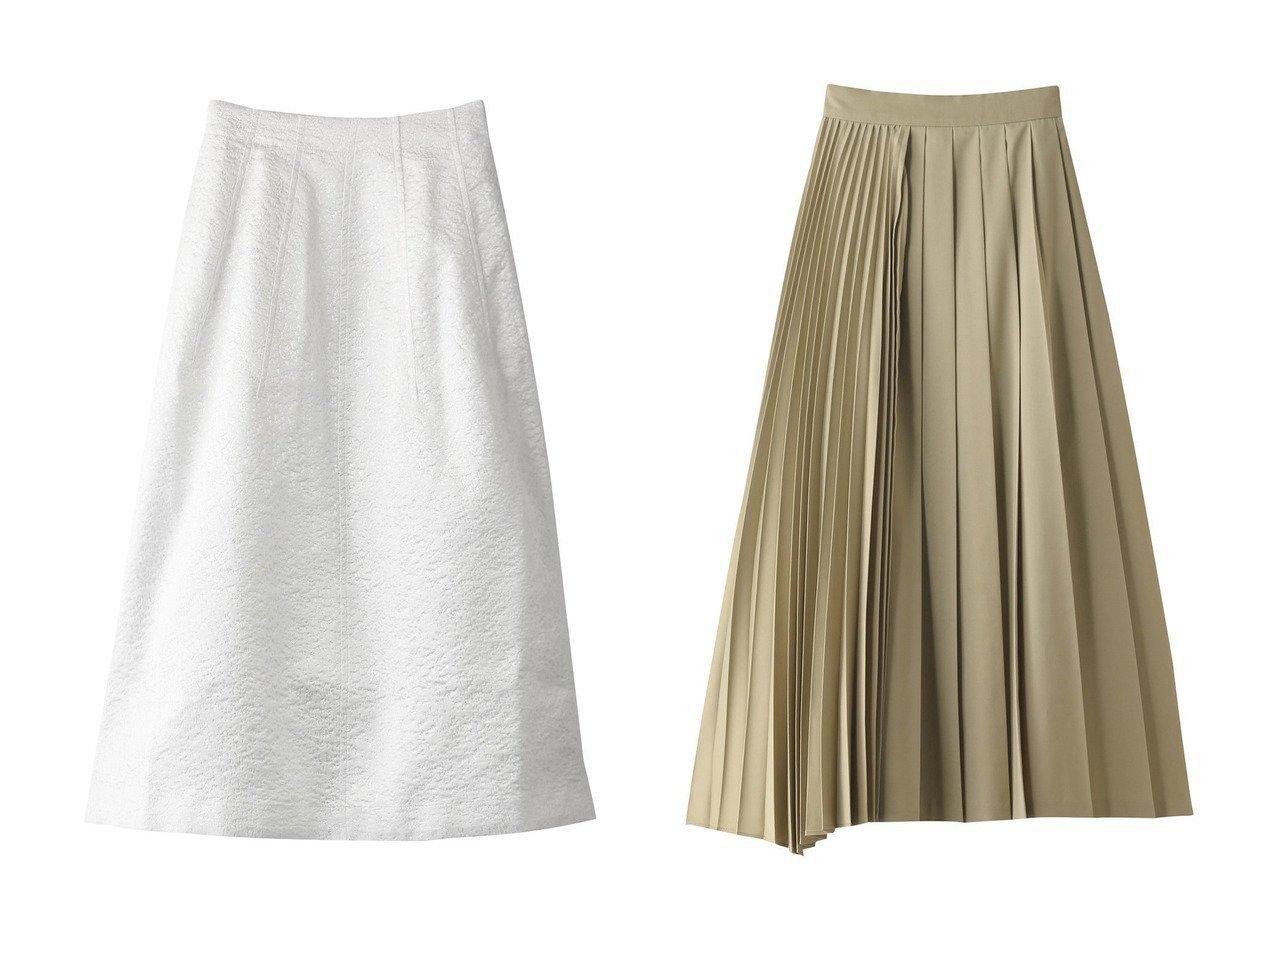 【MARILYN MOON/マリリンムーン】のジャカードロングスカート&【CLANE/クラネ】のスカート スカートのおすすめ!人気、トレンド・レディースファッションの通販 おすすめで人気の流行・トレンド、ファッションの通販商品 メンズファッション・キッズファッション・インテリア・家具・レディースファッション・服の通販 founy(ファニー) https://founy.com/ ファッション Fashion レディースファッション WOMEN スカート Skirt ロングスカート Long Skirt 2021年 2021 2021 春夏 S/S SS Spring/Summer 2021 S/S 春夏 SS Spring/Summer ガーリー プリーツ ミックス ロング 春 Spring |ID:crp329100000023898